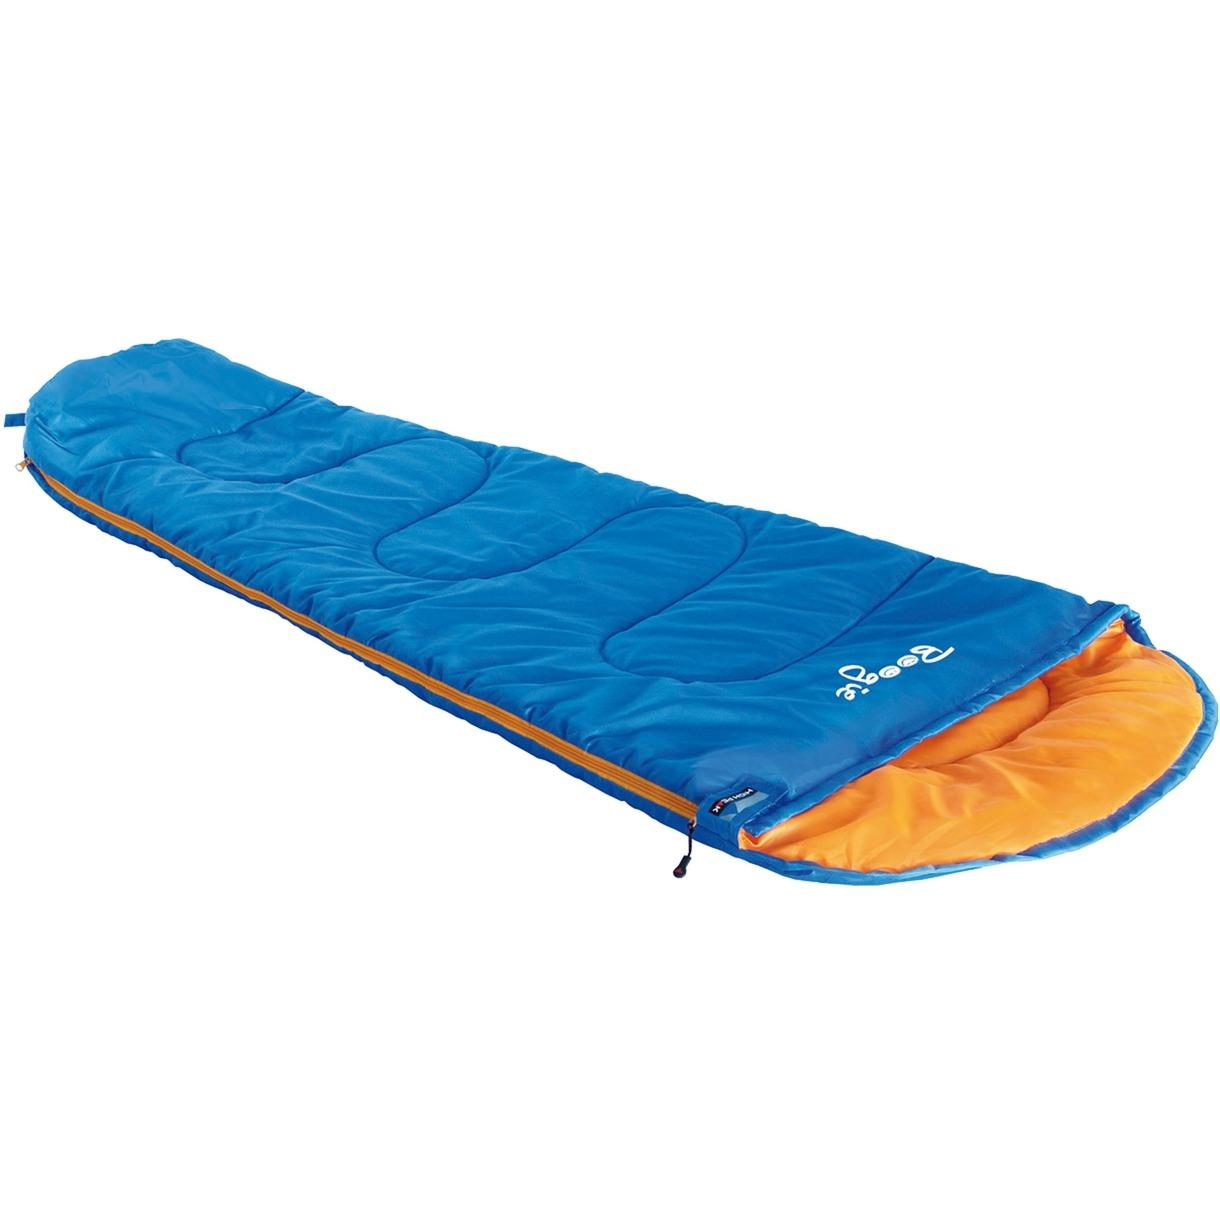 sovepose-sleeping-bag